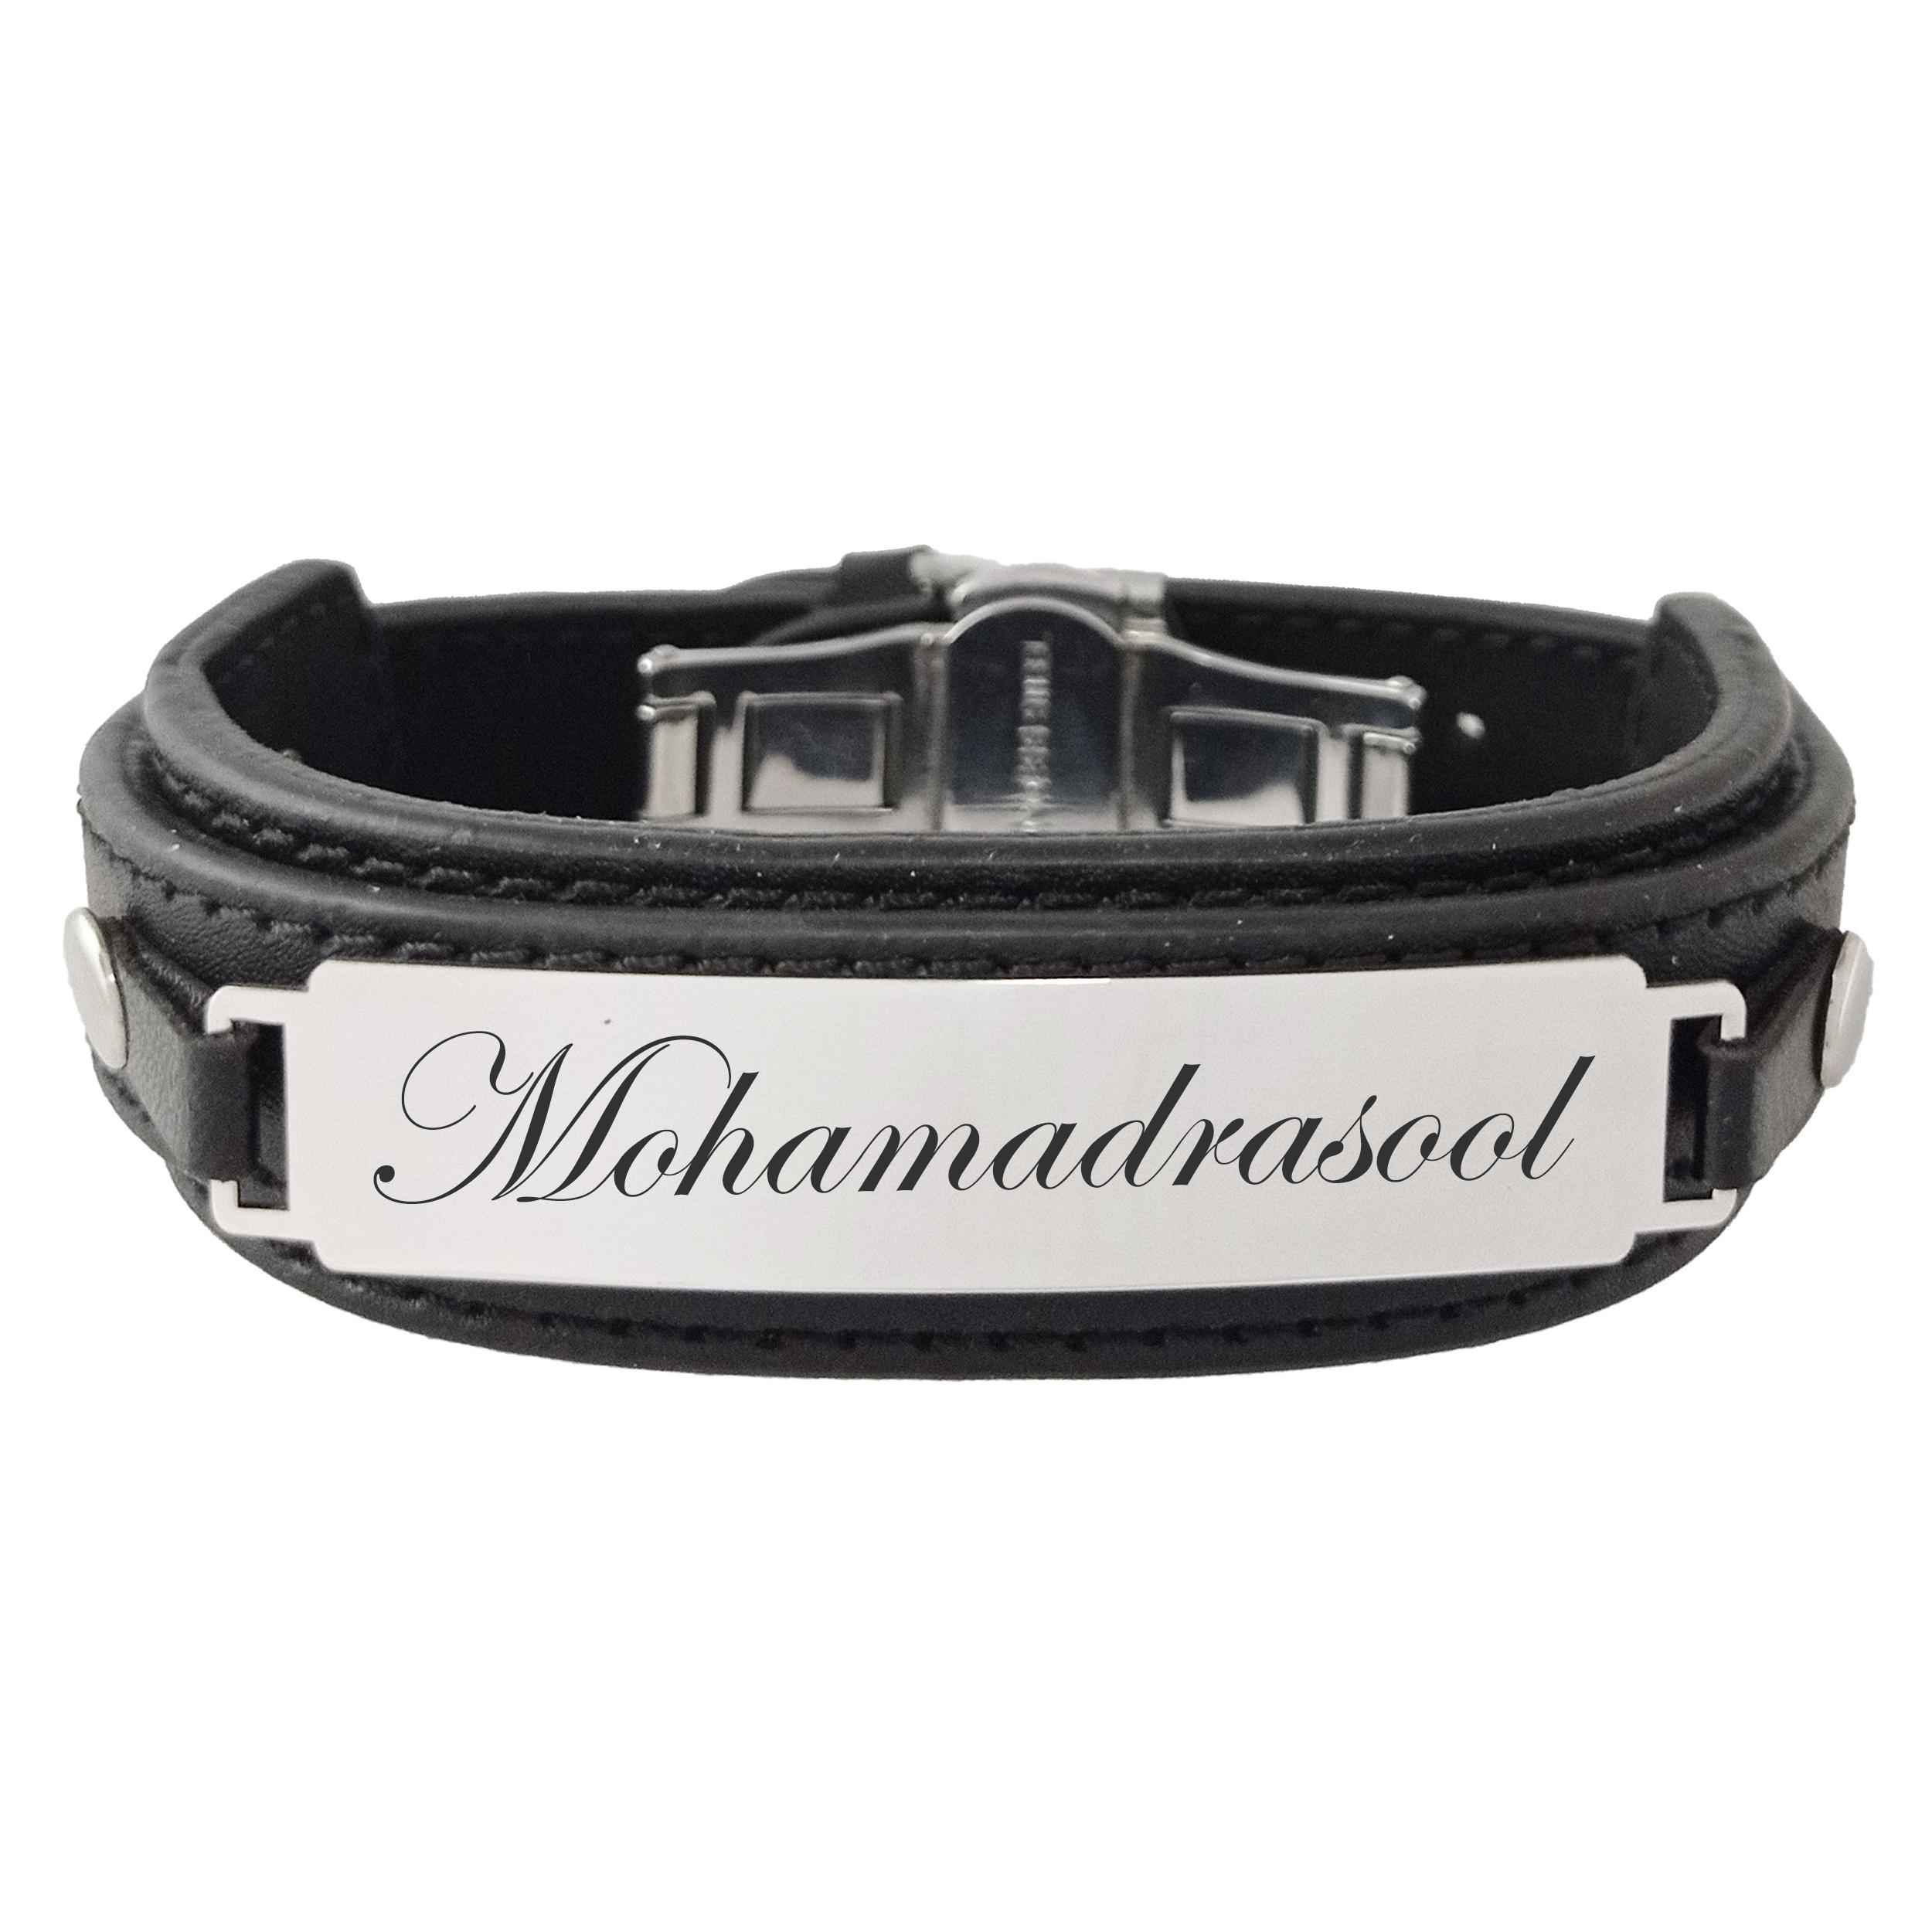 دستبند مردانه ترمه ۱ مدل محمدرسول کد Sam 965